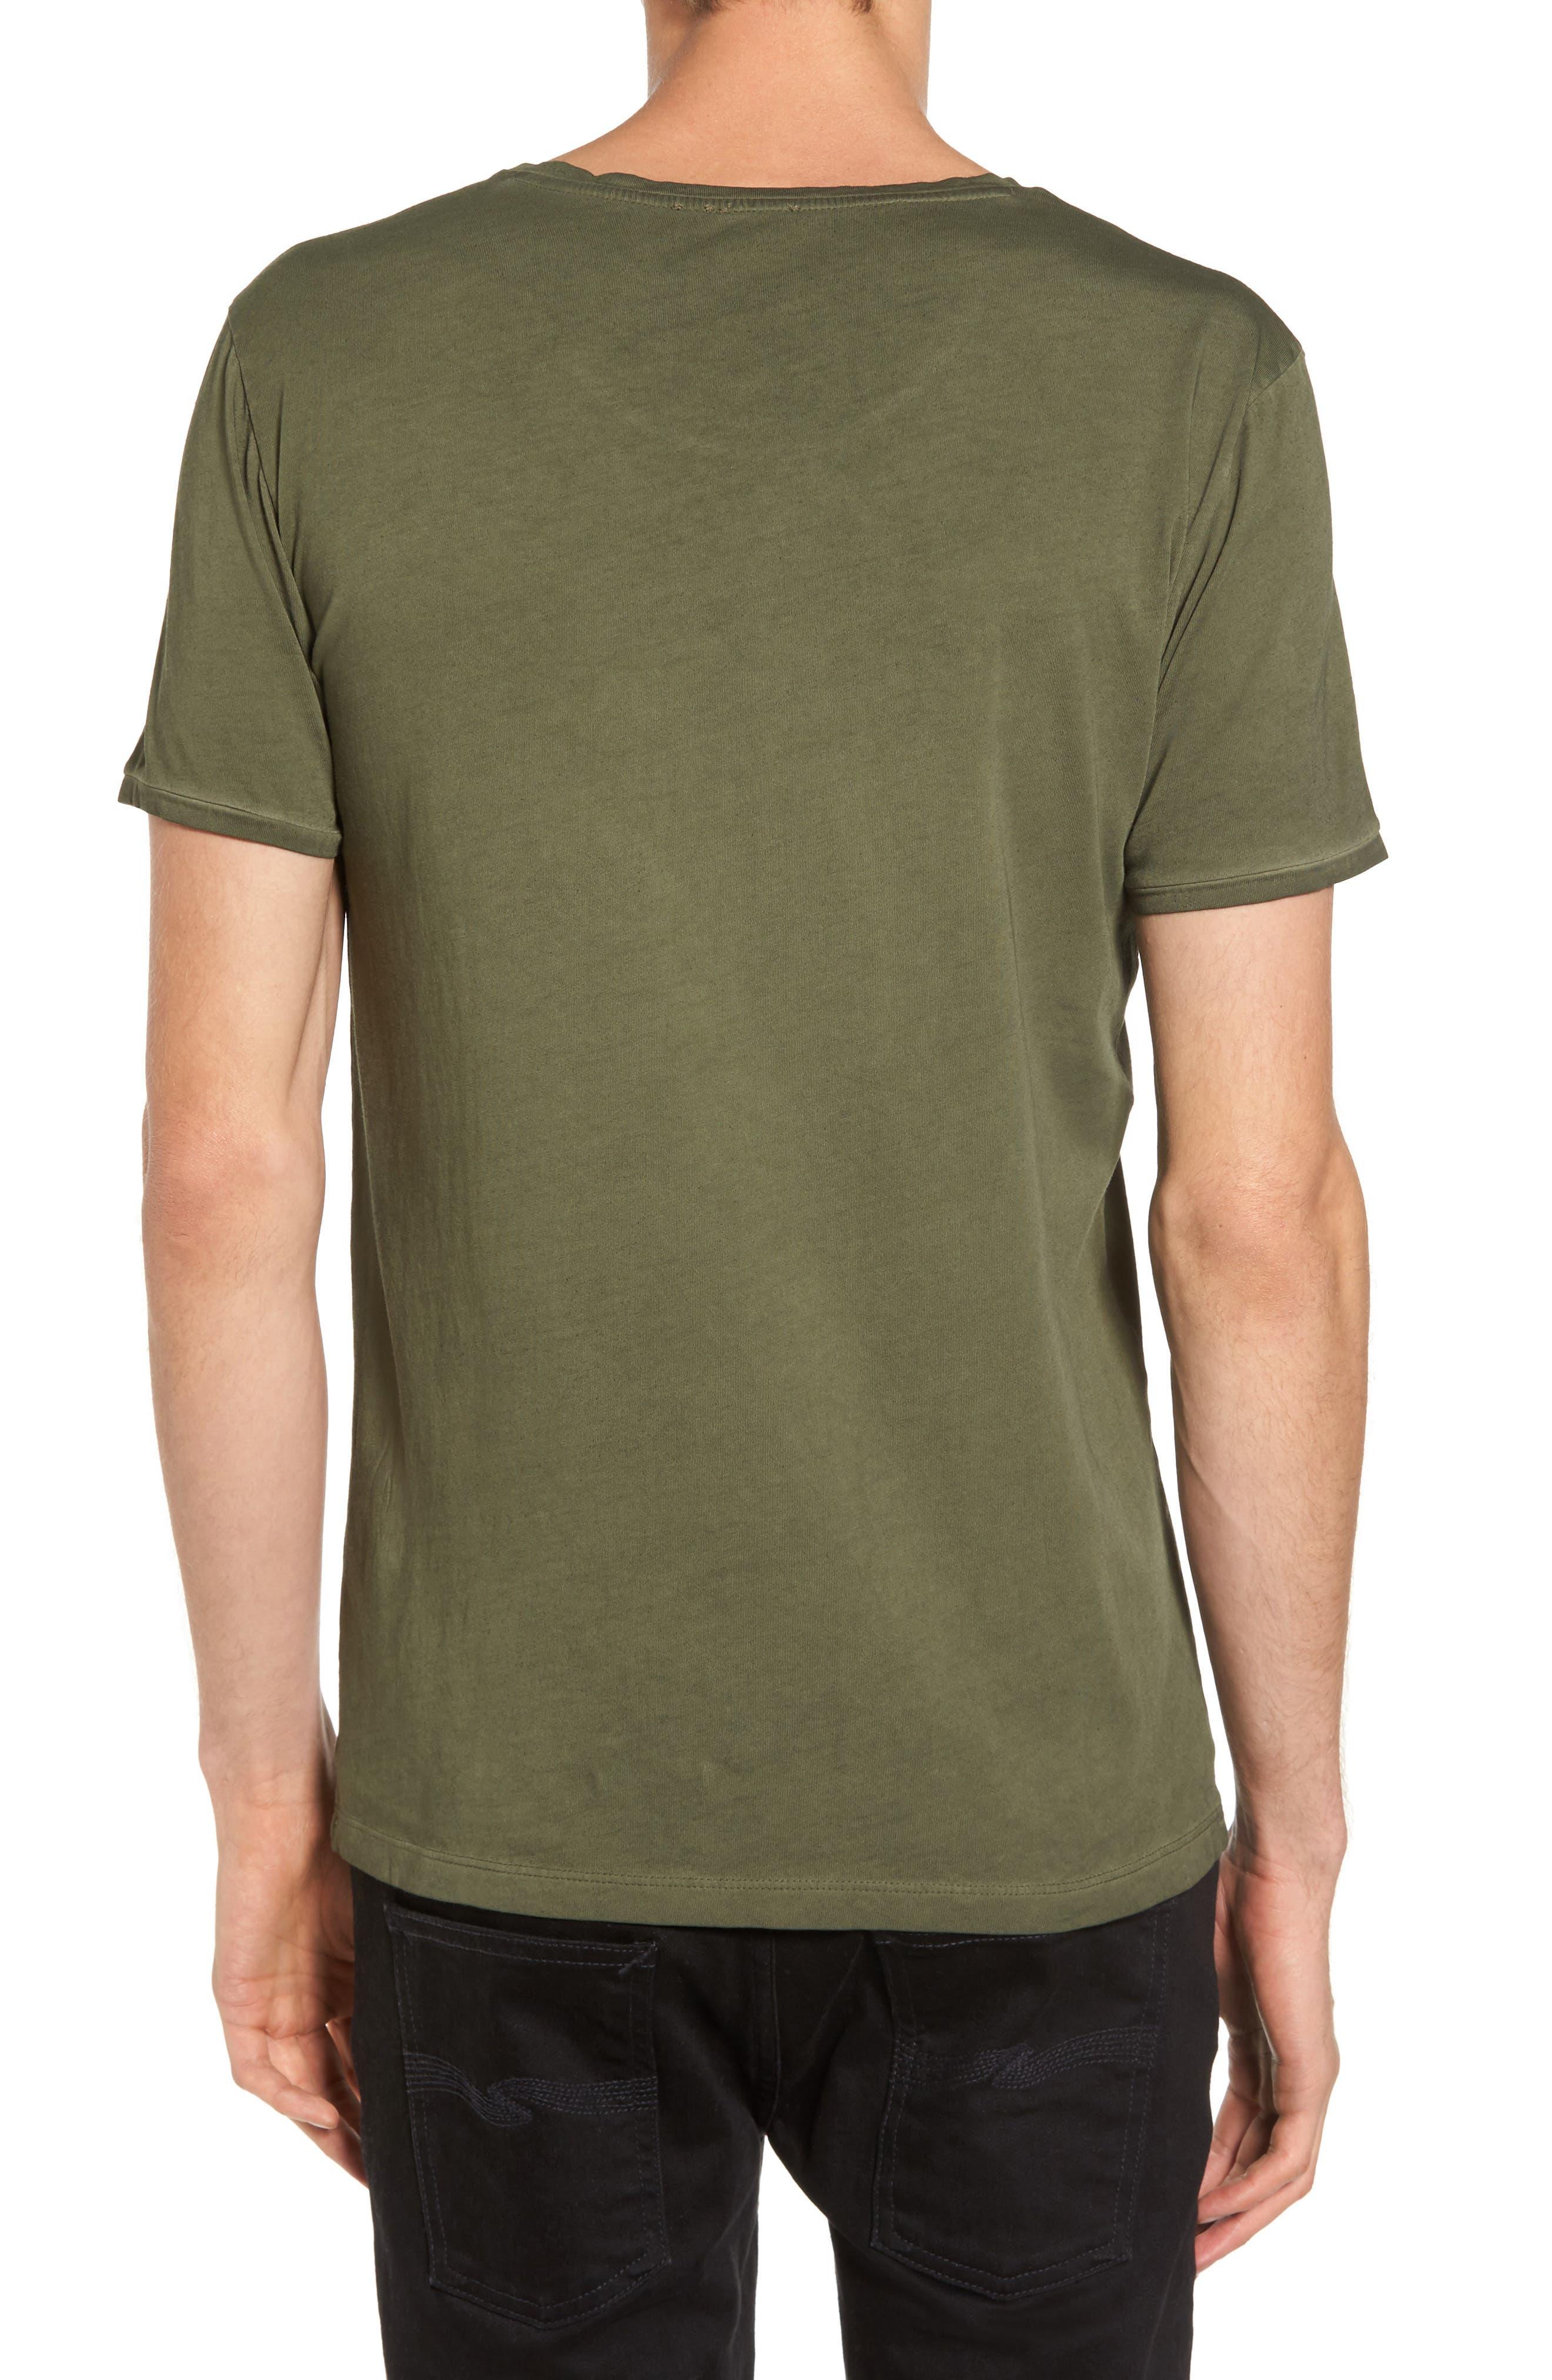 Touring T-Shirt,                             Alternate thumbnail 2, color,                             309